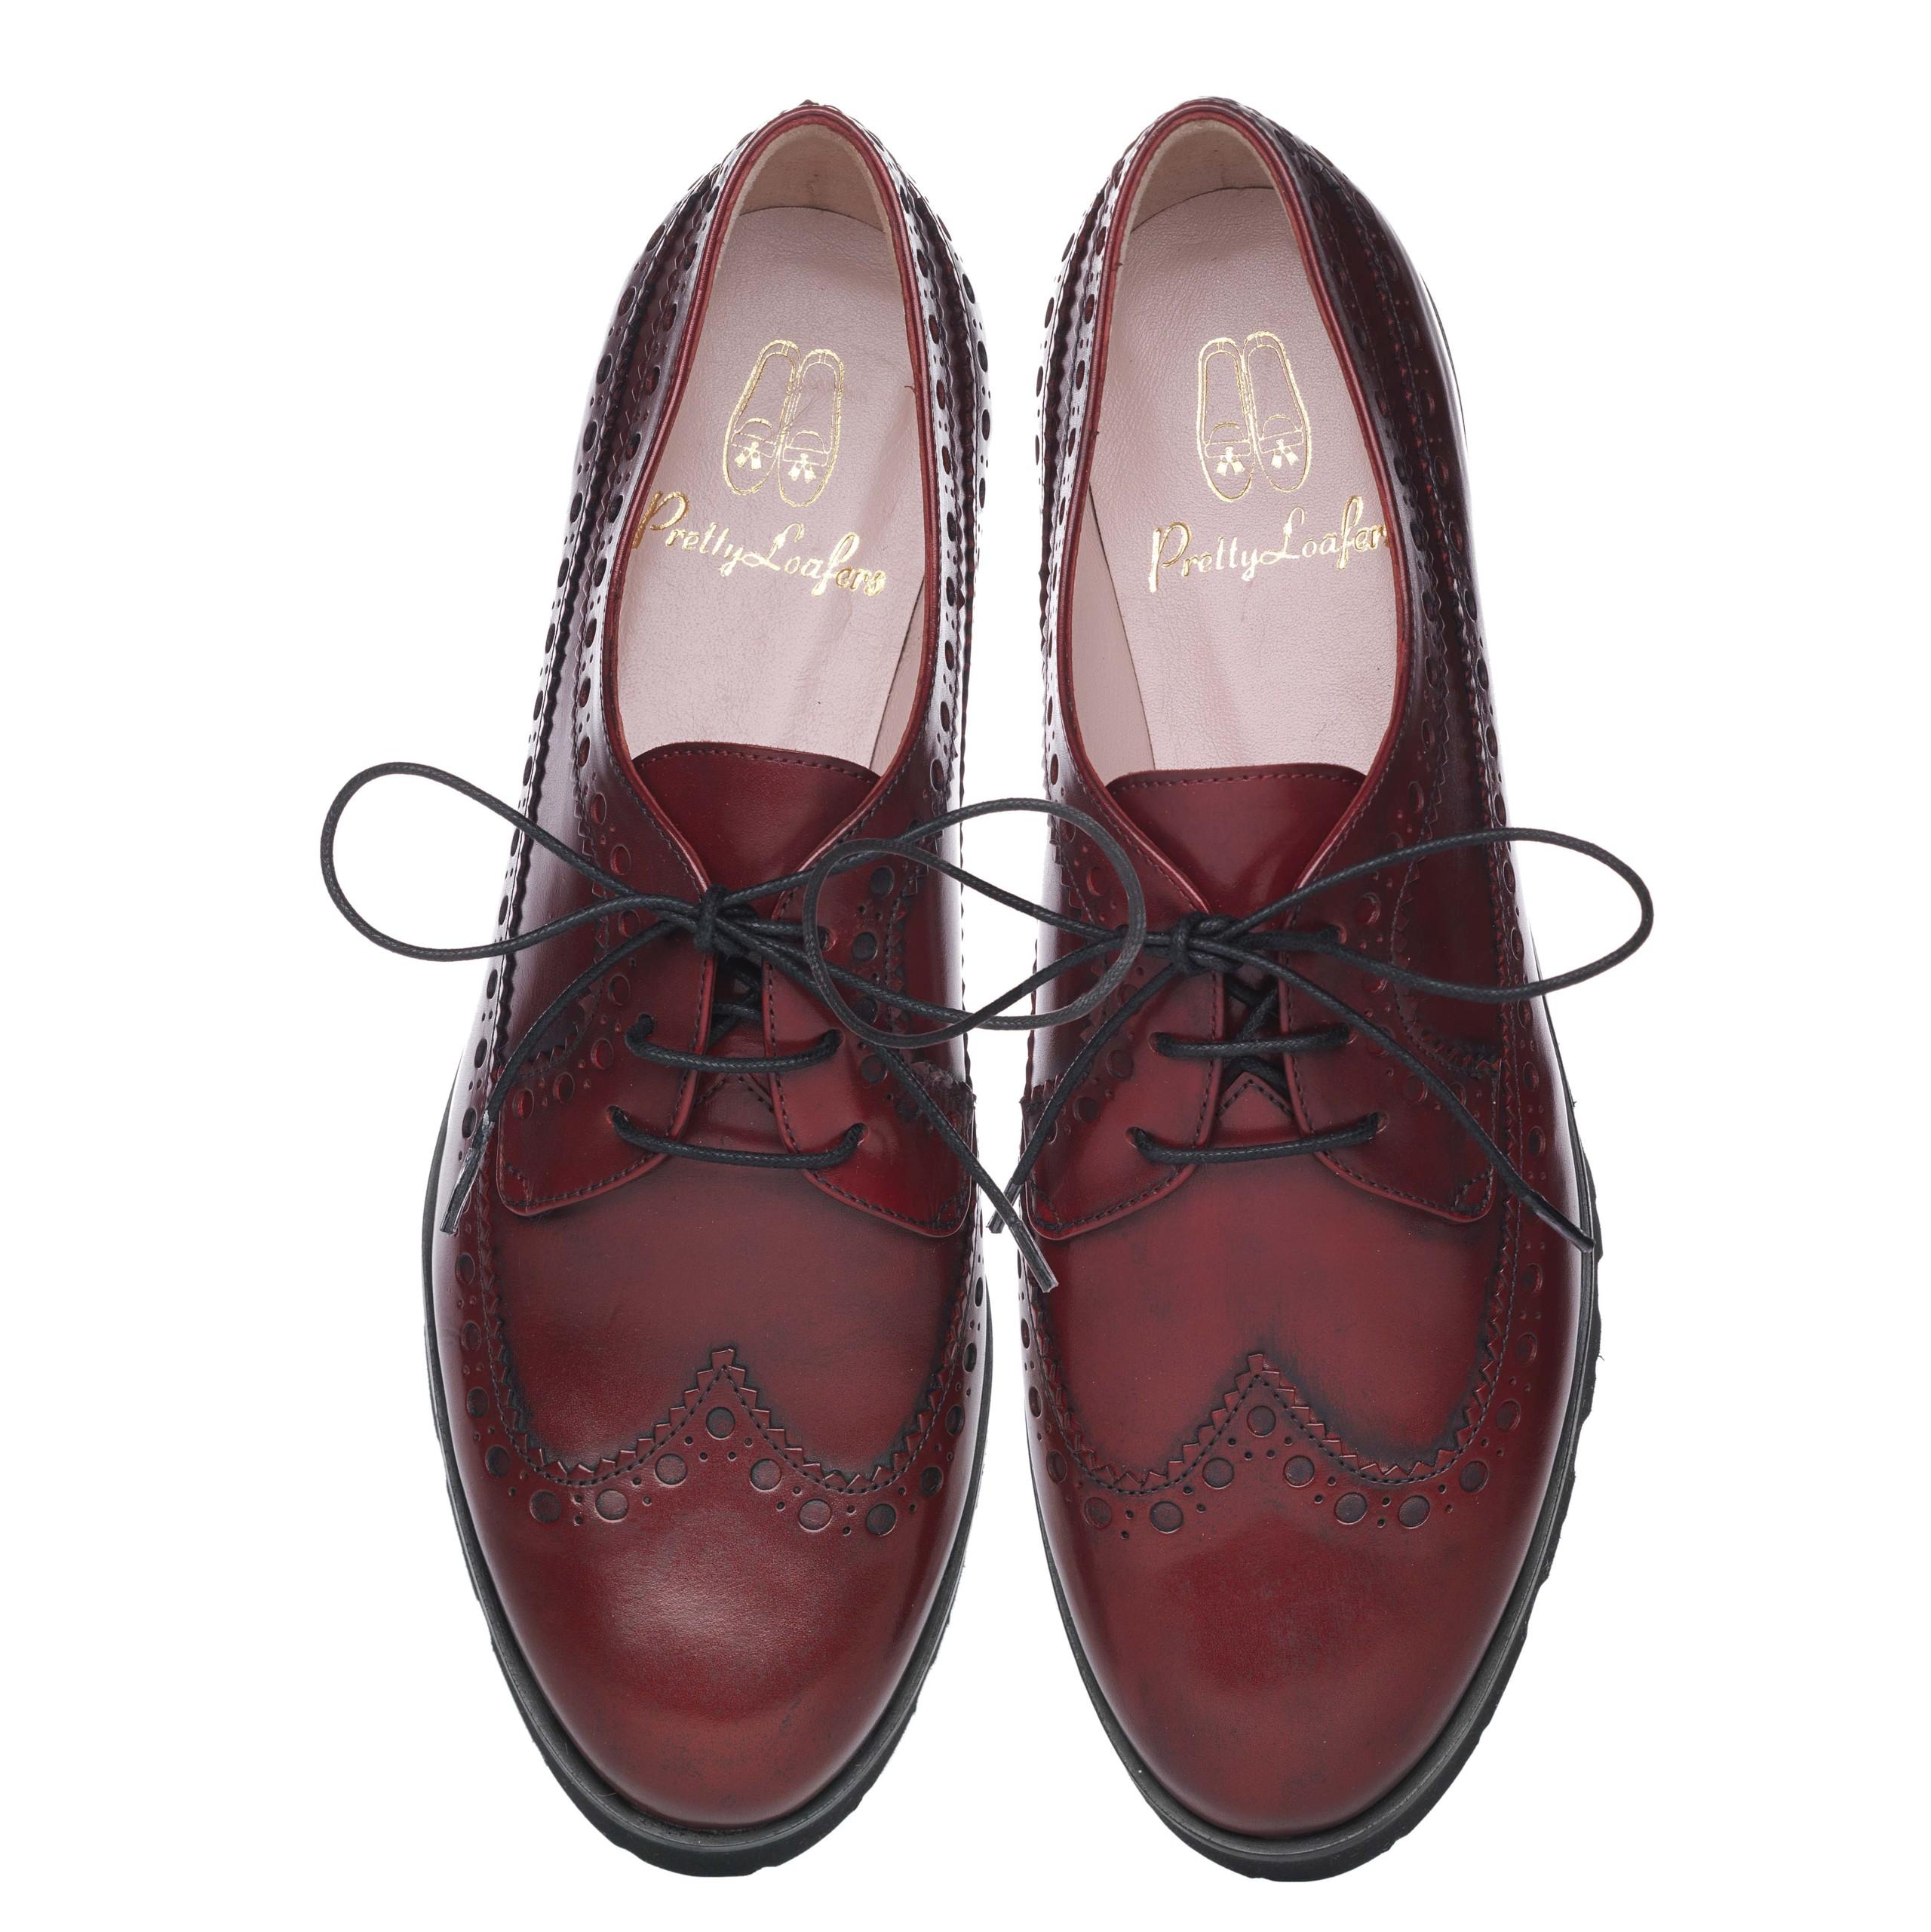 Pretty Loafers, las slippers necesarias para las incondicionales del calzado plano